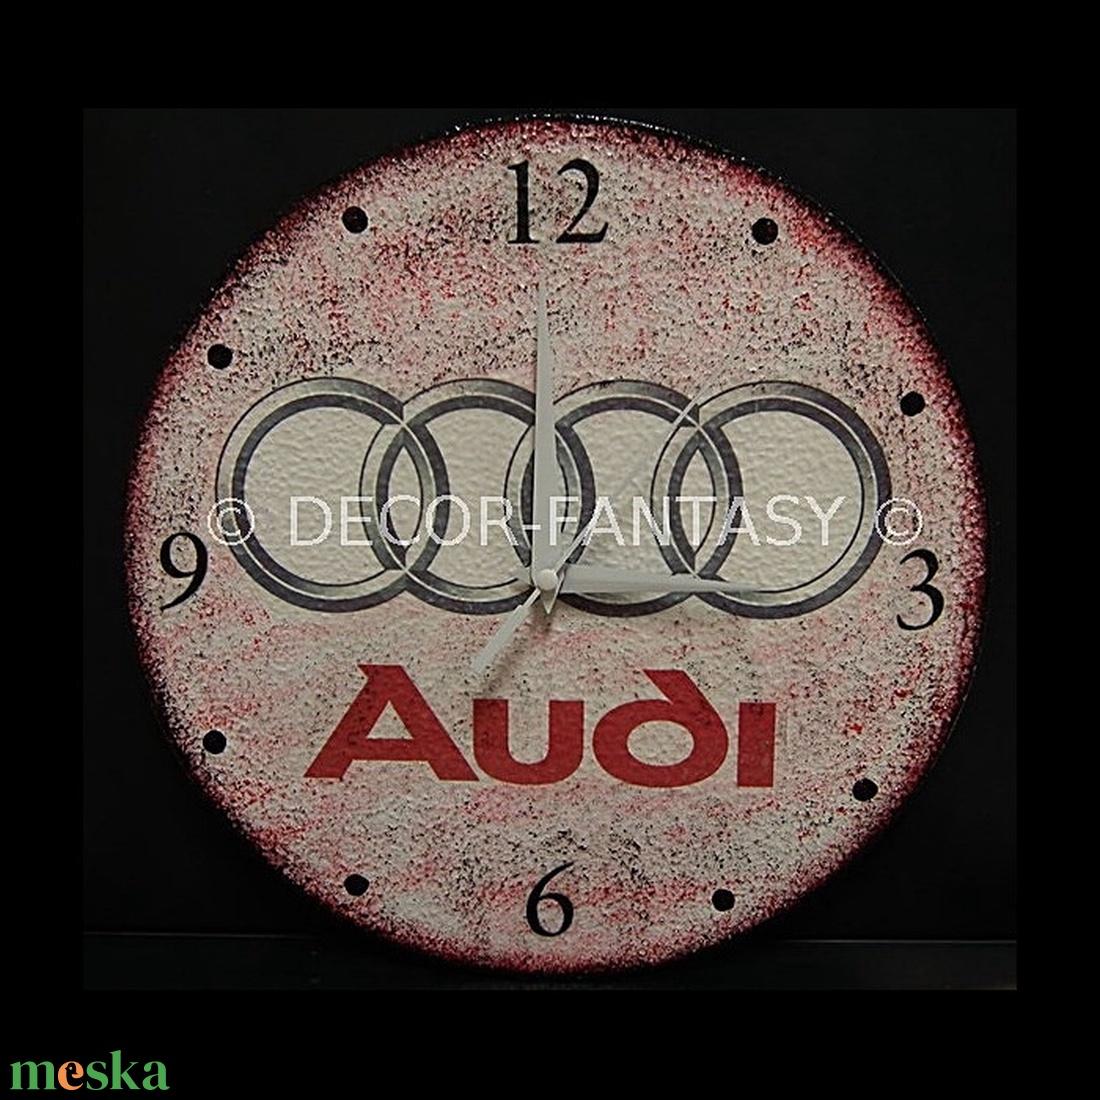 AUDI emblémával díszített óra audi autó rajongóknak - Meska.hu